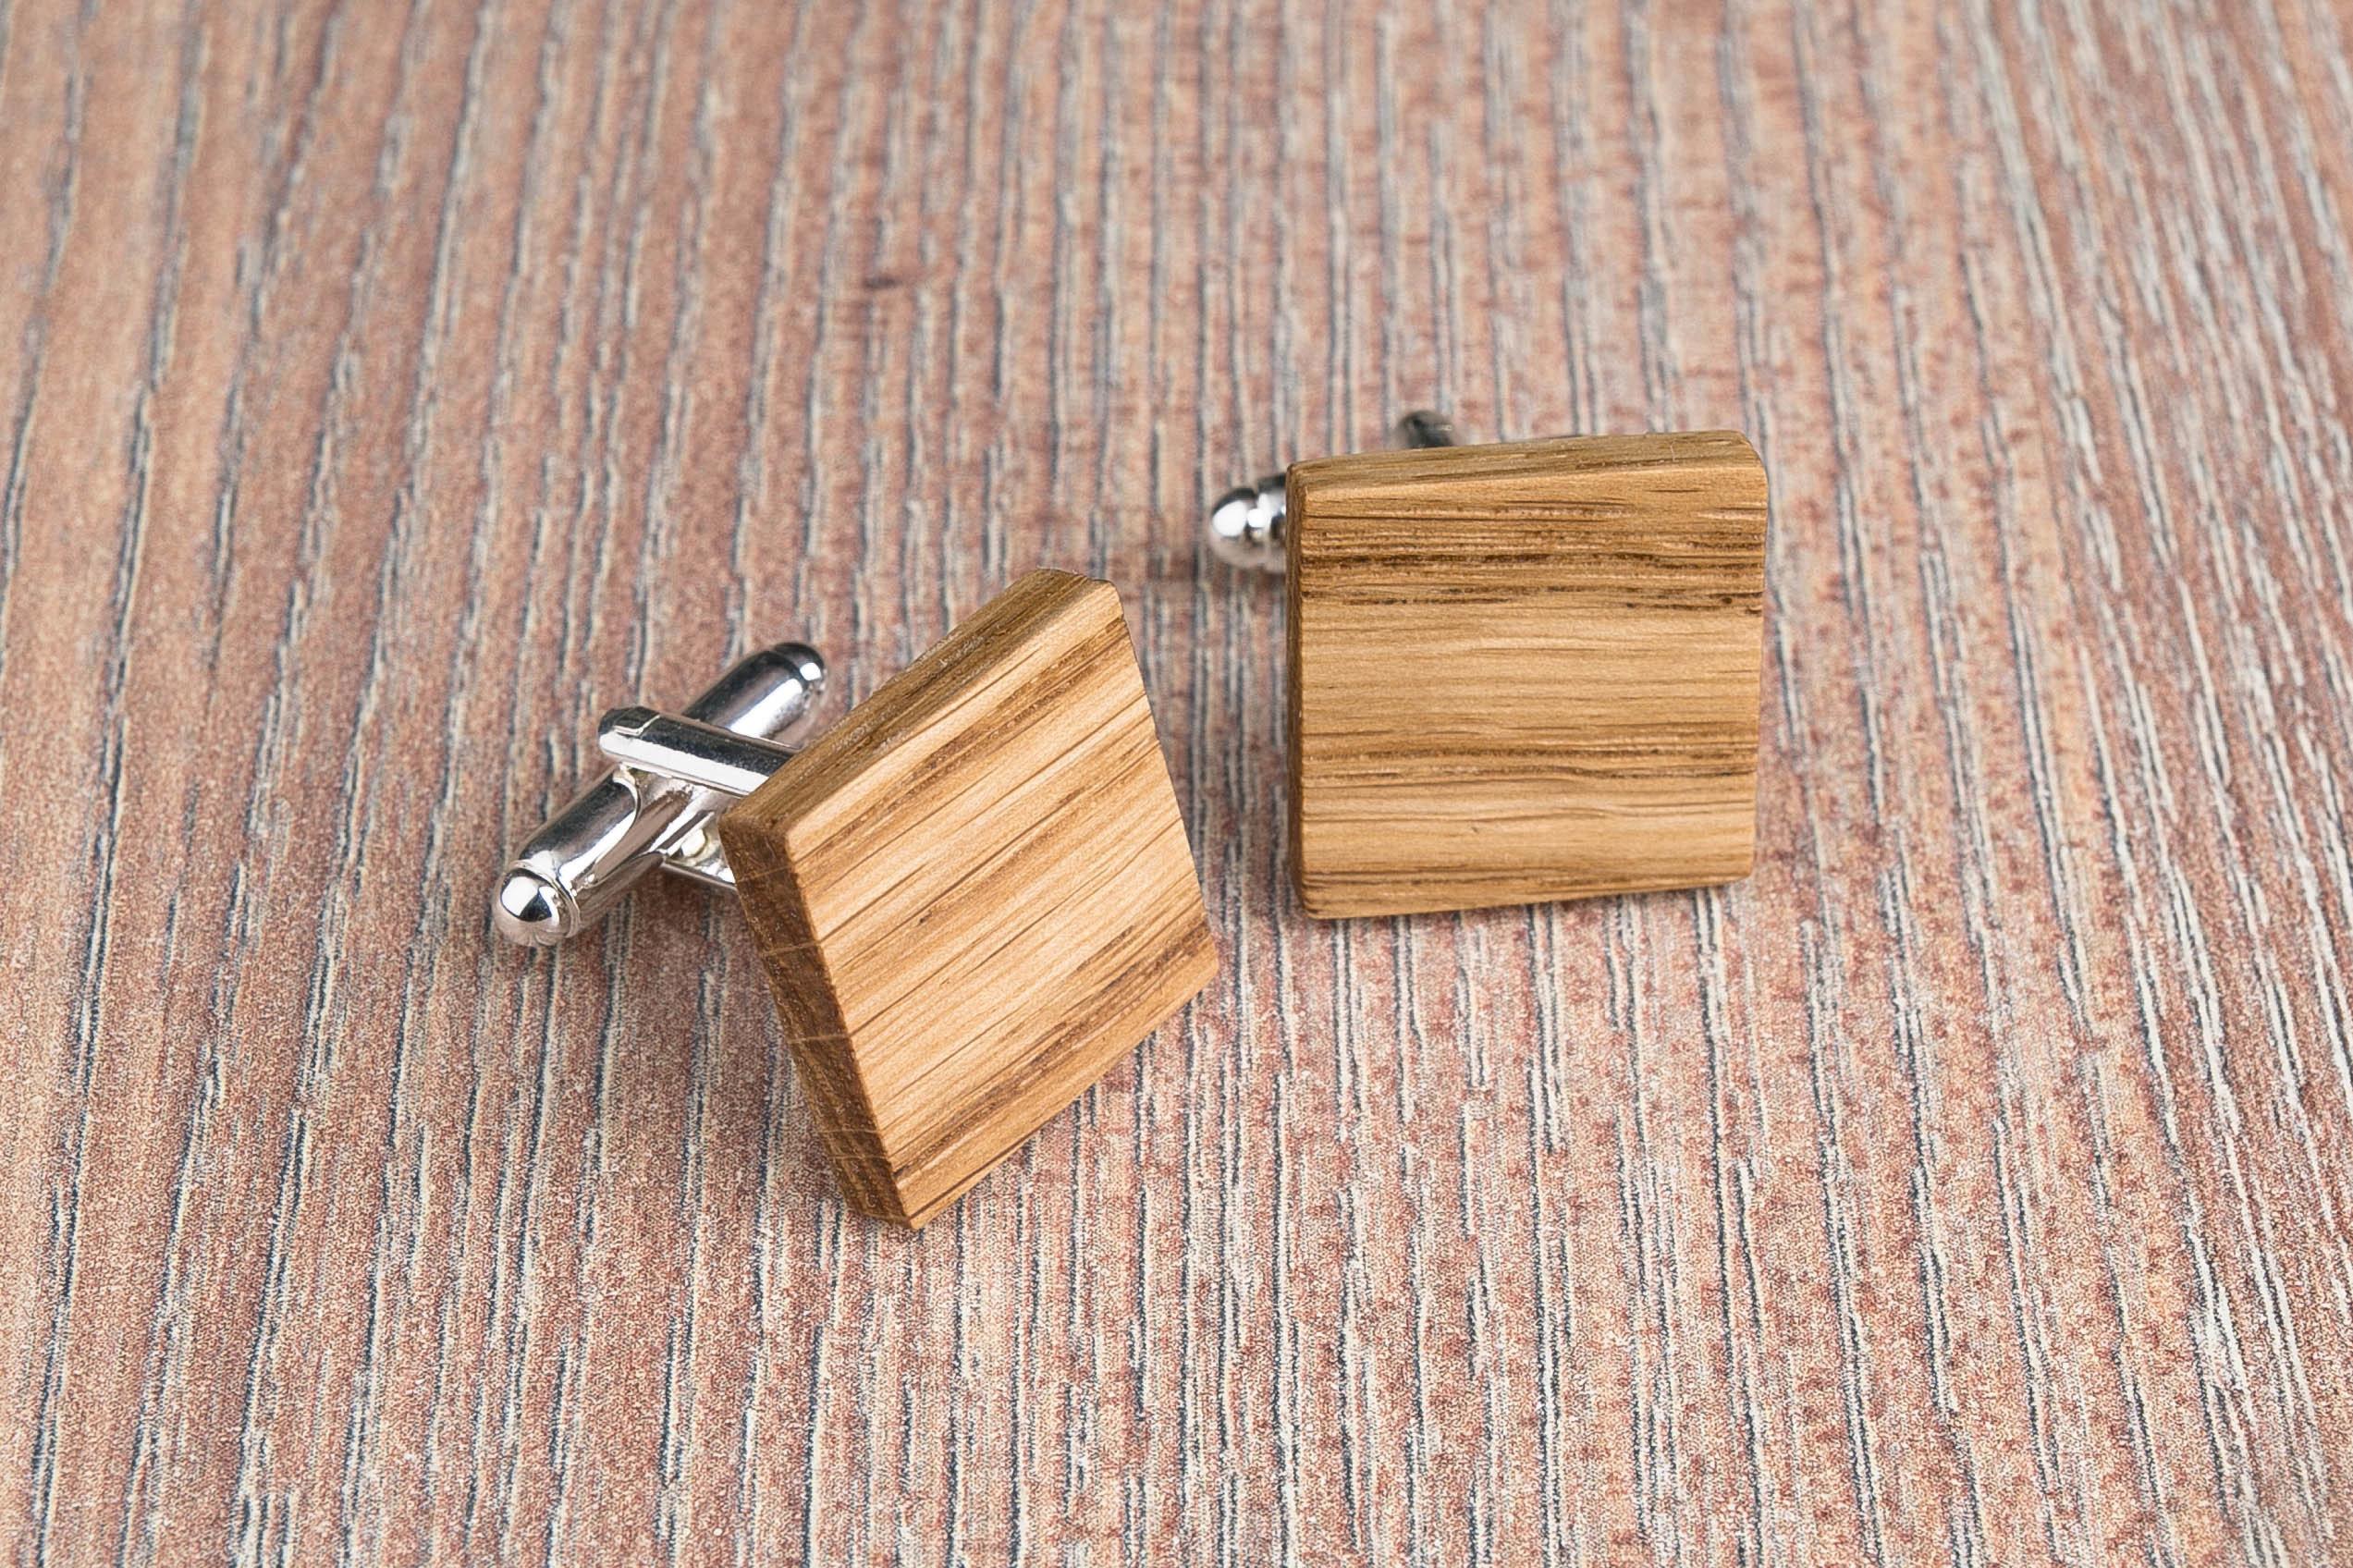 Комплект: Квадратные запонки из дерева и Деревянный зажим для галстука. Массив дуба. Гравировка инициалов. Упаковка в комплекте